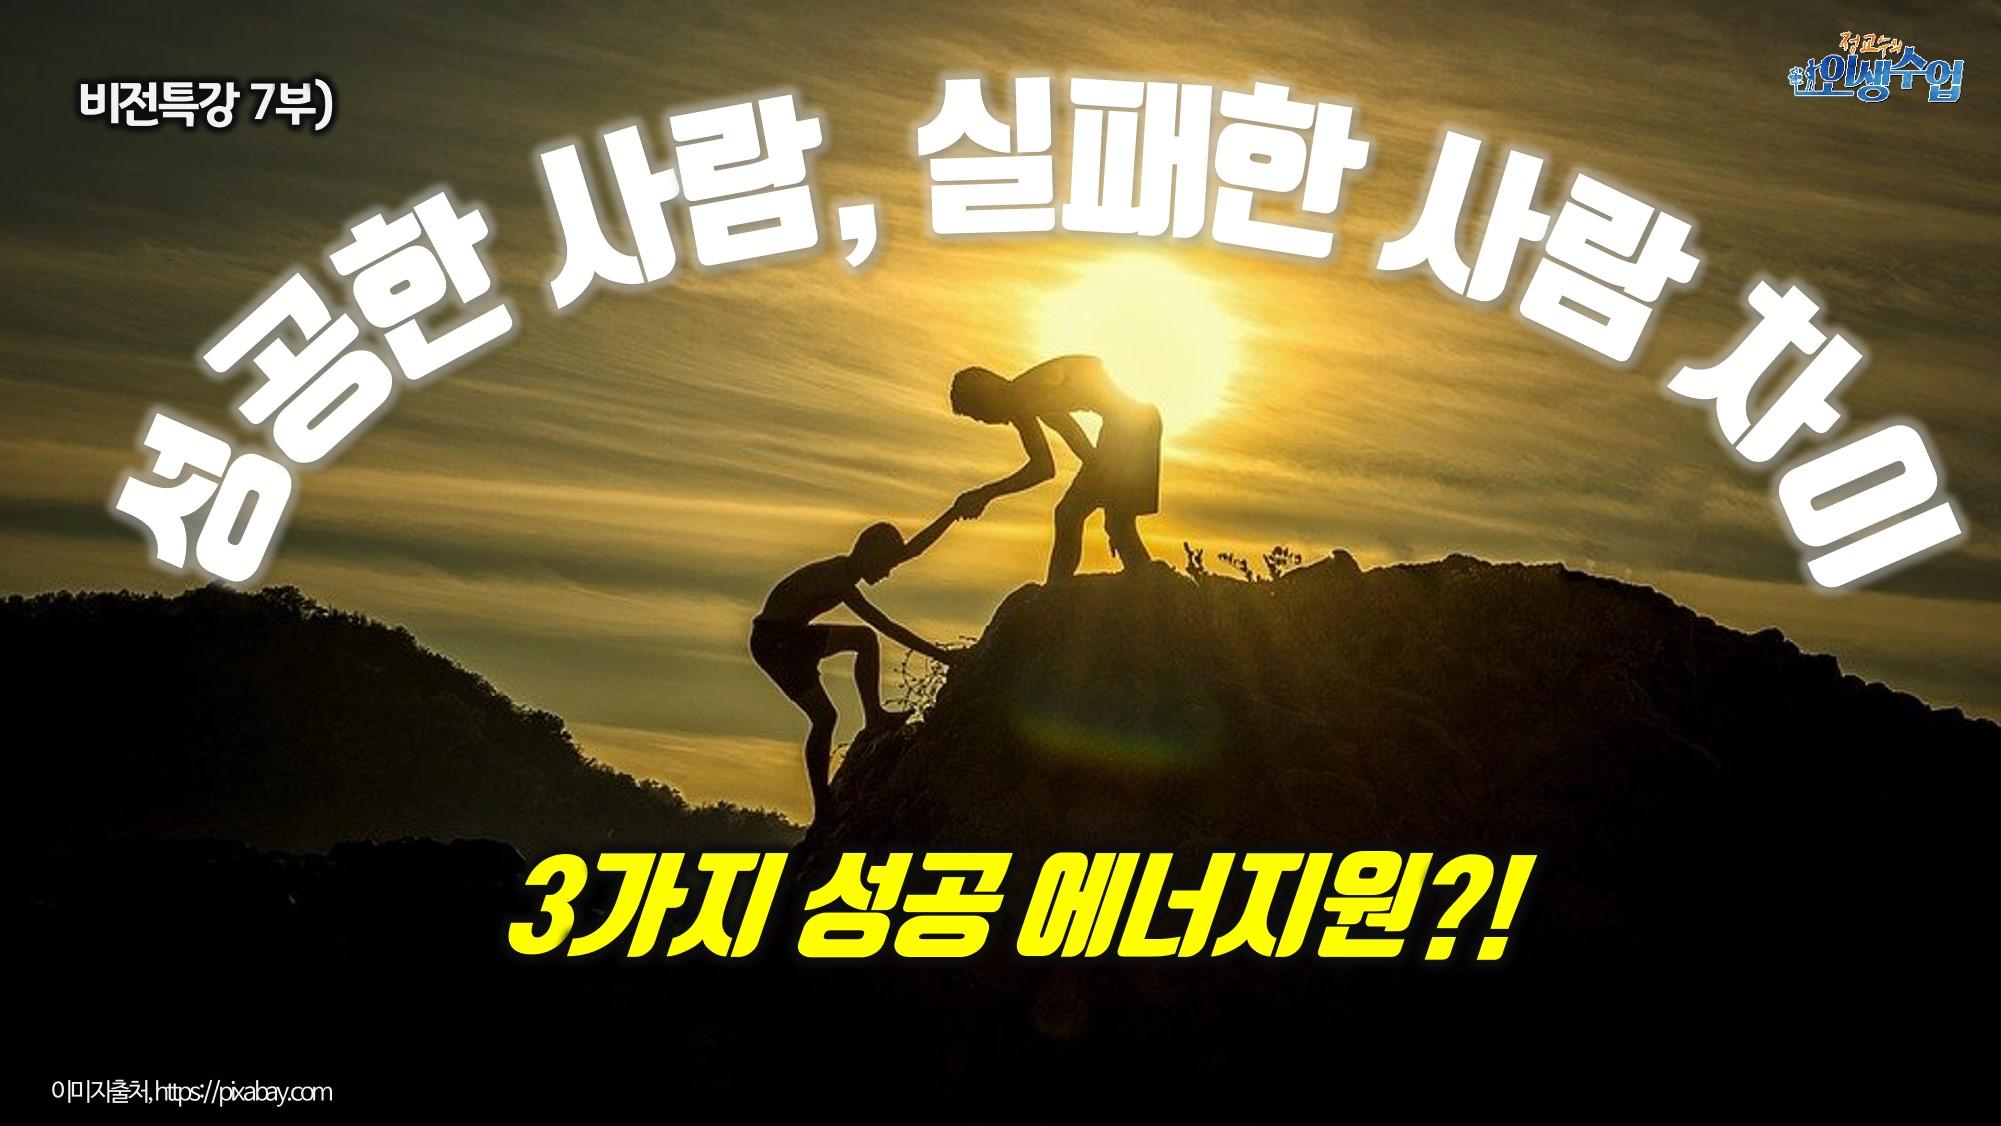 비전특강7부) 성공하는 사람과 실패하는 사람의 차이(비전달성과 성공으로 나아가는 3가지 에너지원?!)